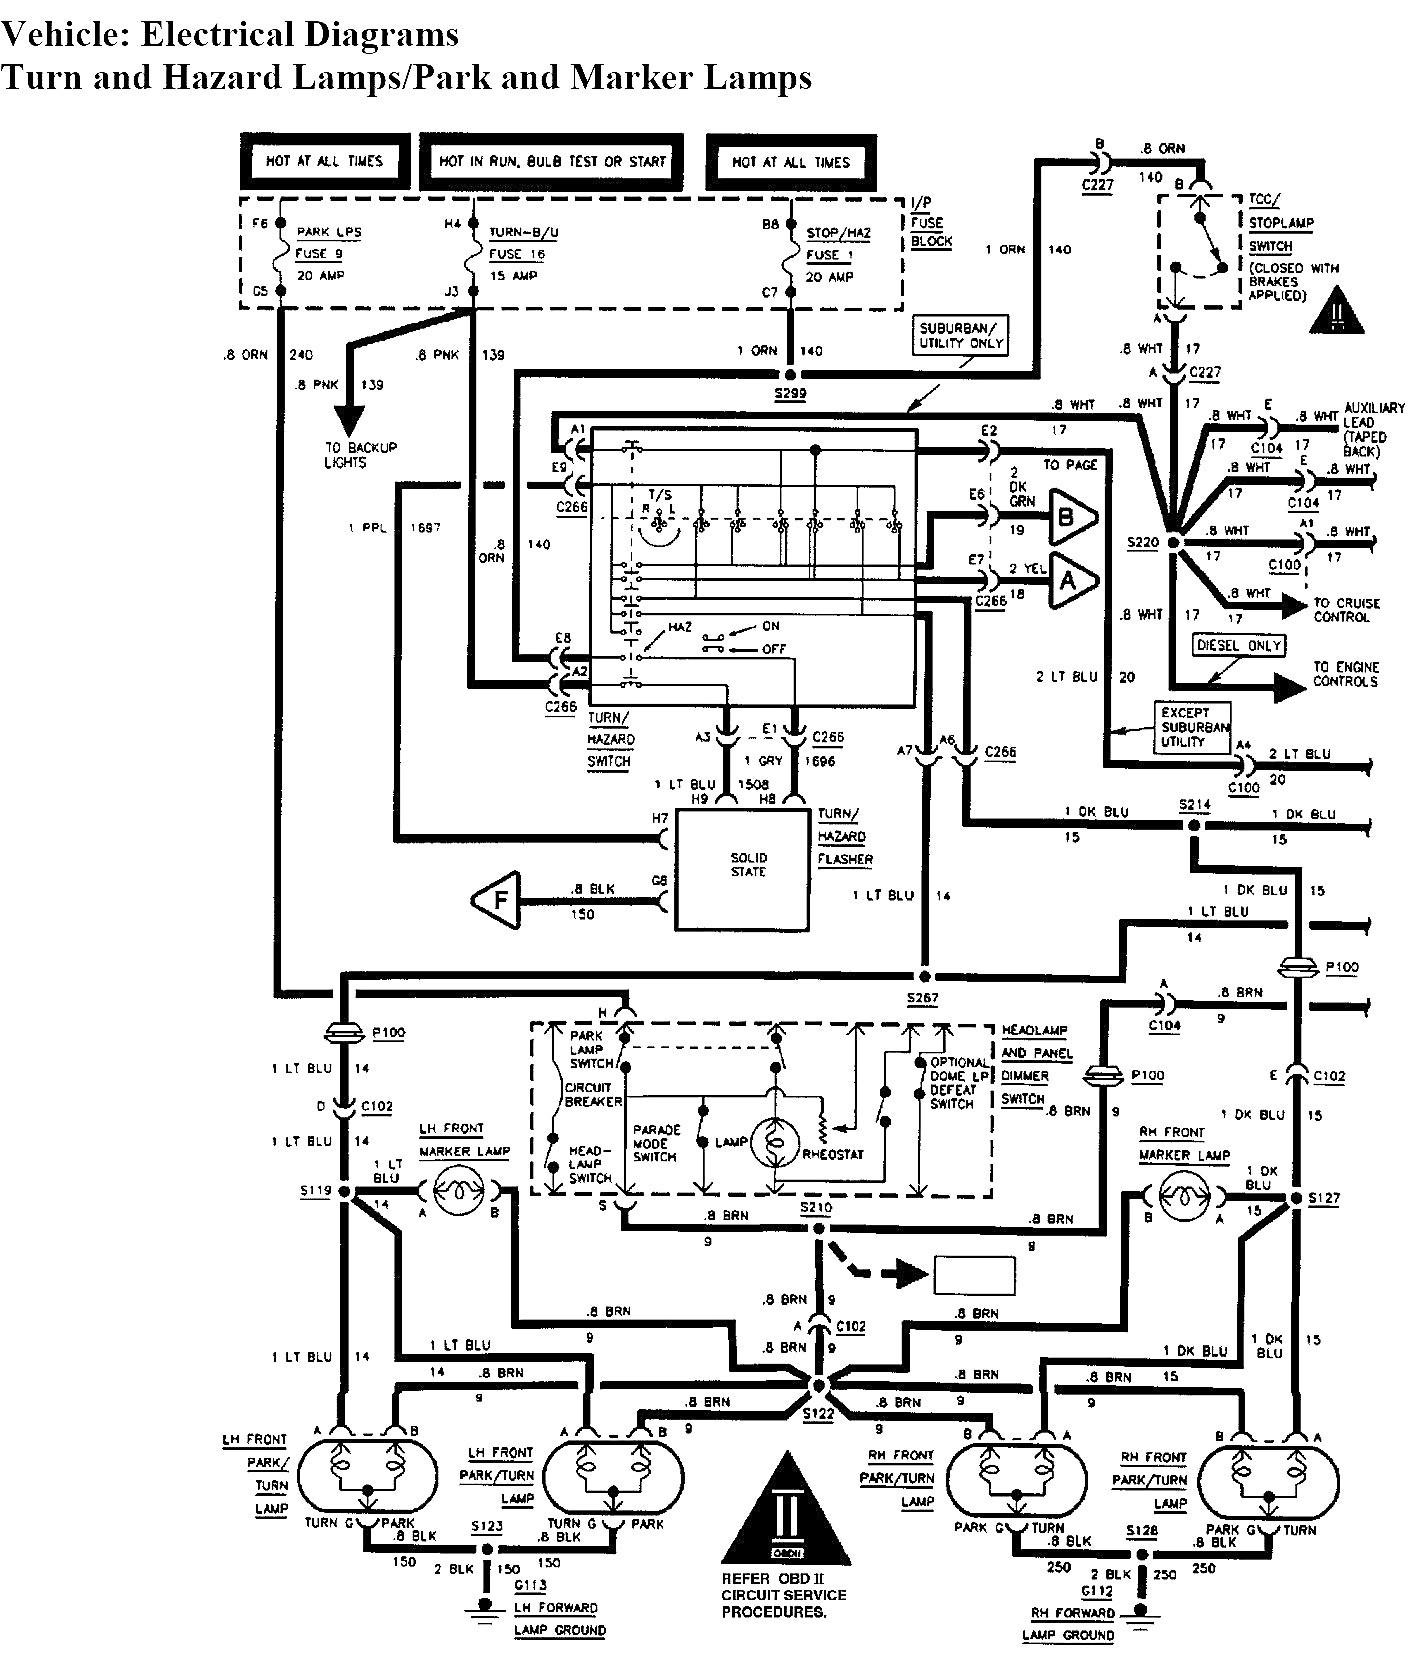 2006 Chevy Silverado Tail Light Wiring Diagram Beautiful